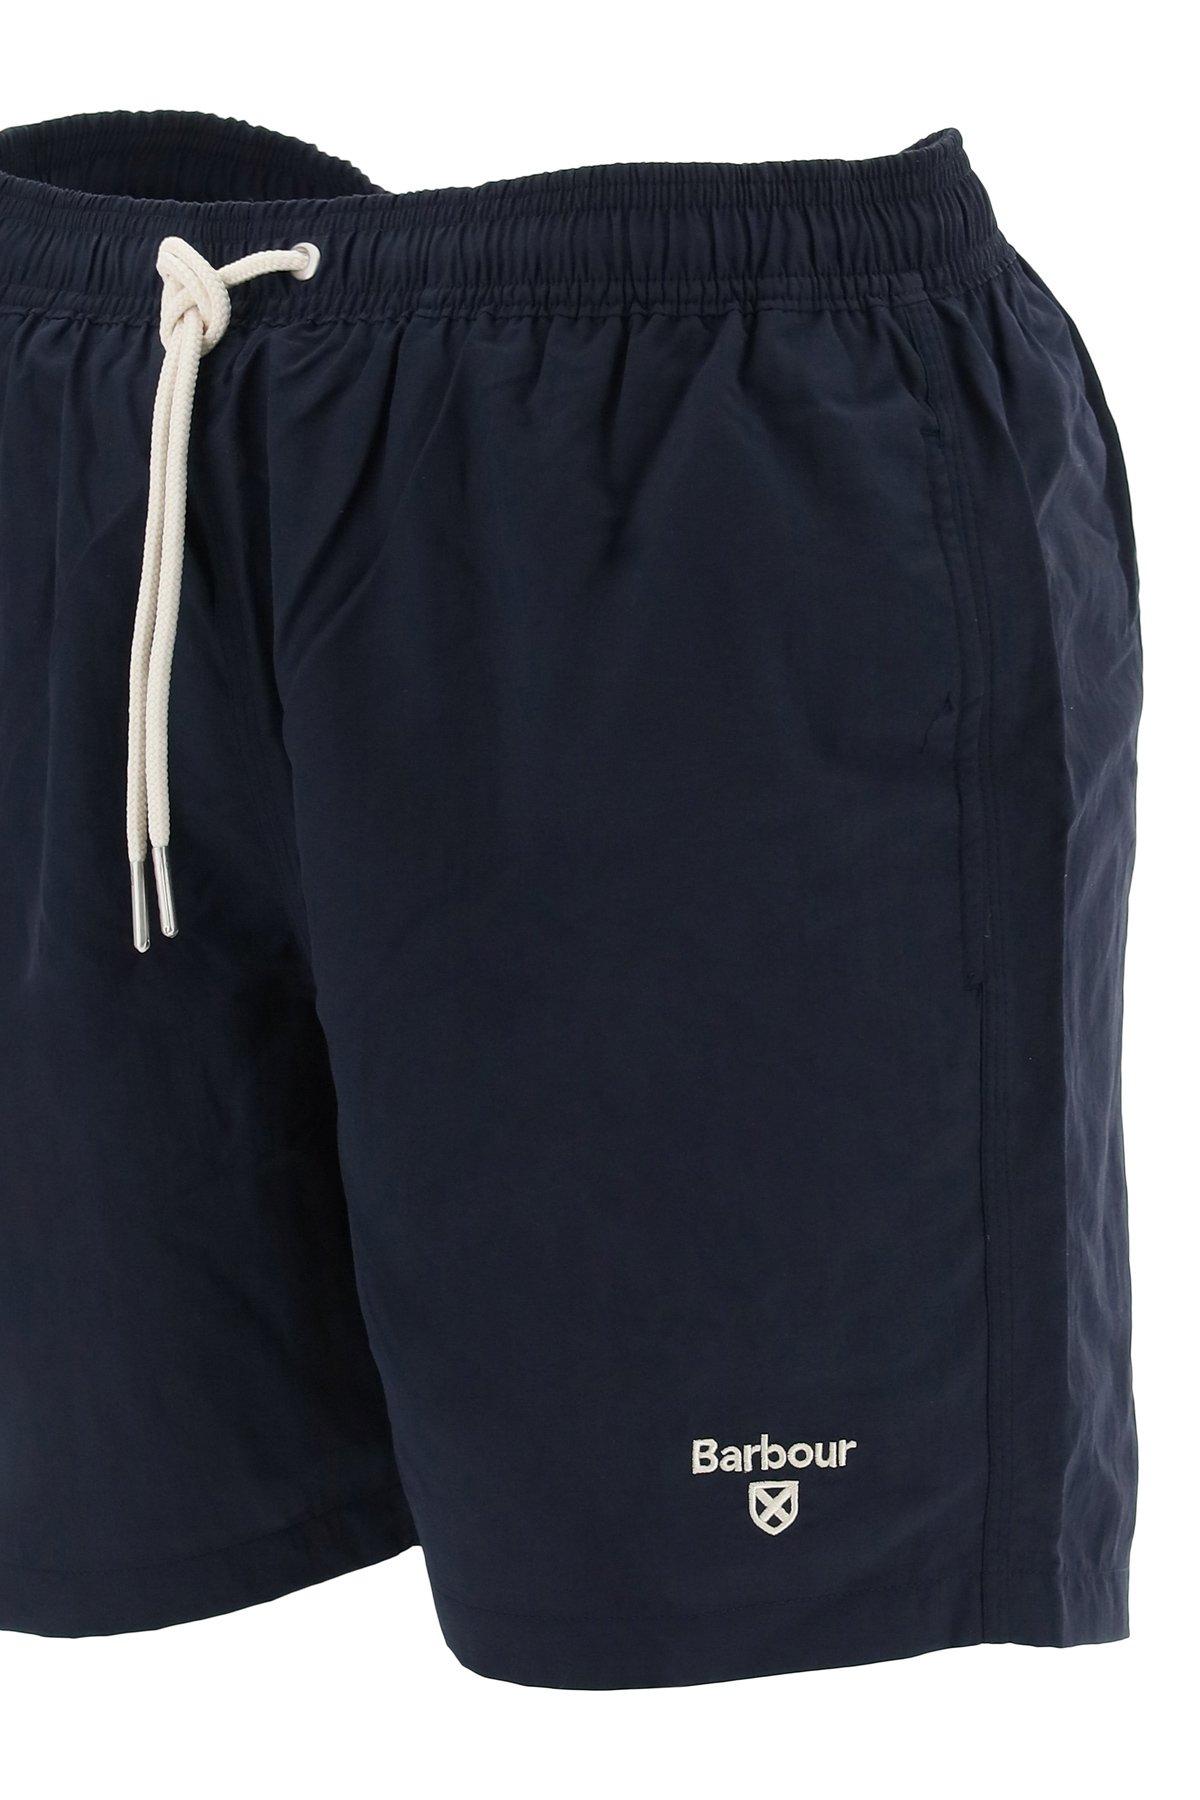 Barbour bermuda mare essential